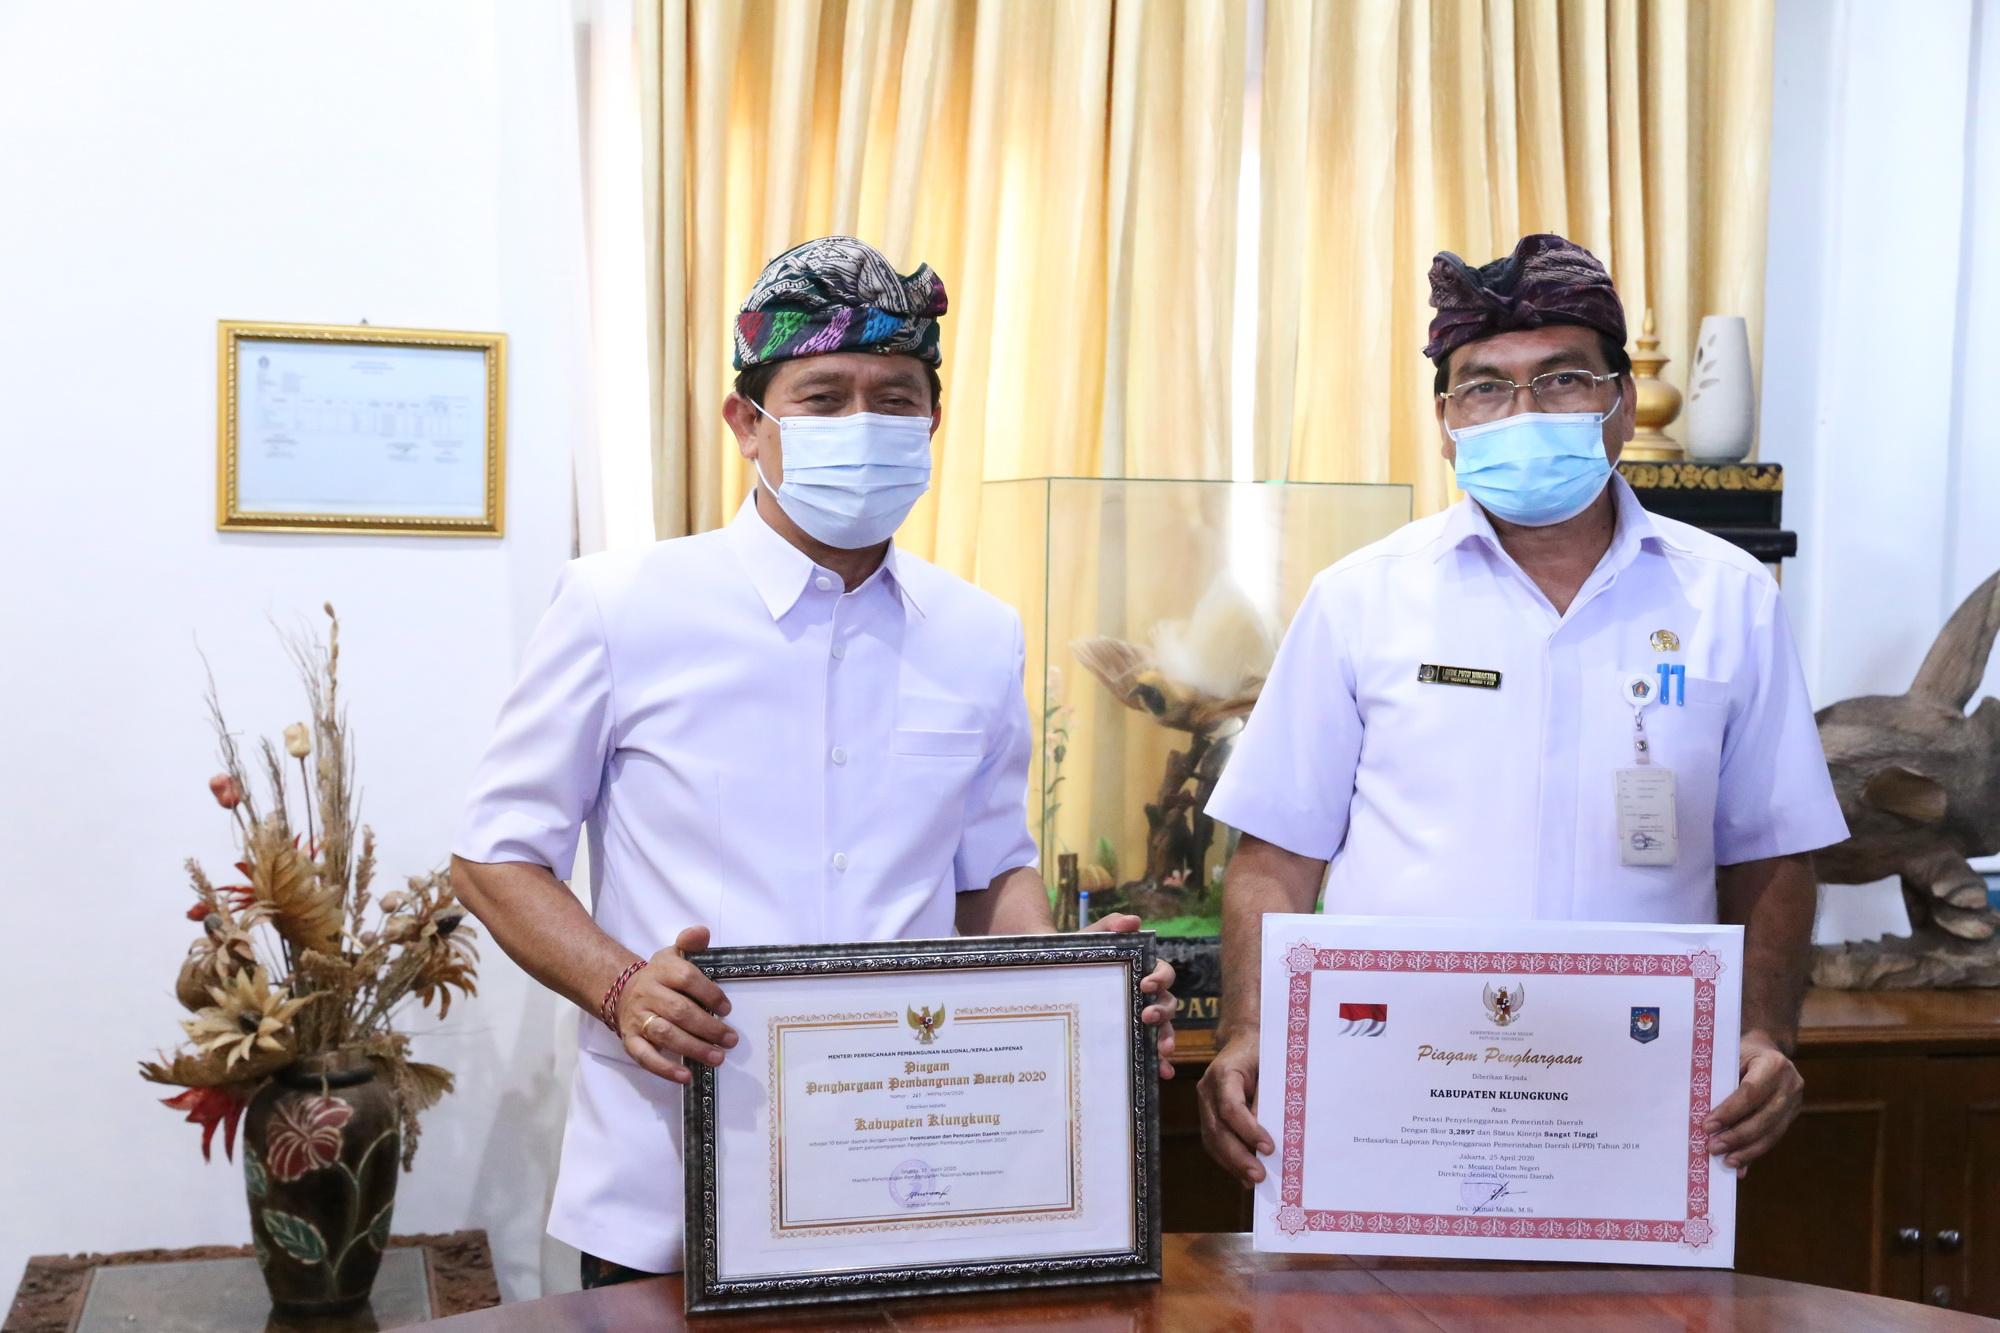 BUPATI Suwirta; didampingi Sekda Klungkung menerima penghargaan di ruang rapat kantor Bupati Klungkung, Kamis (12/11/2020). Foto: ist